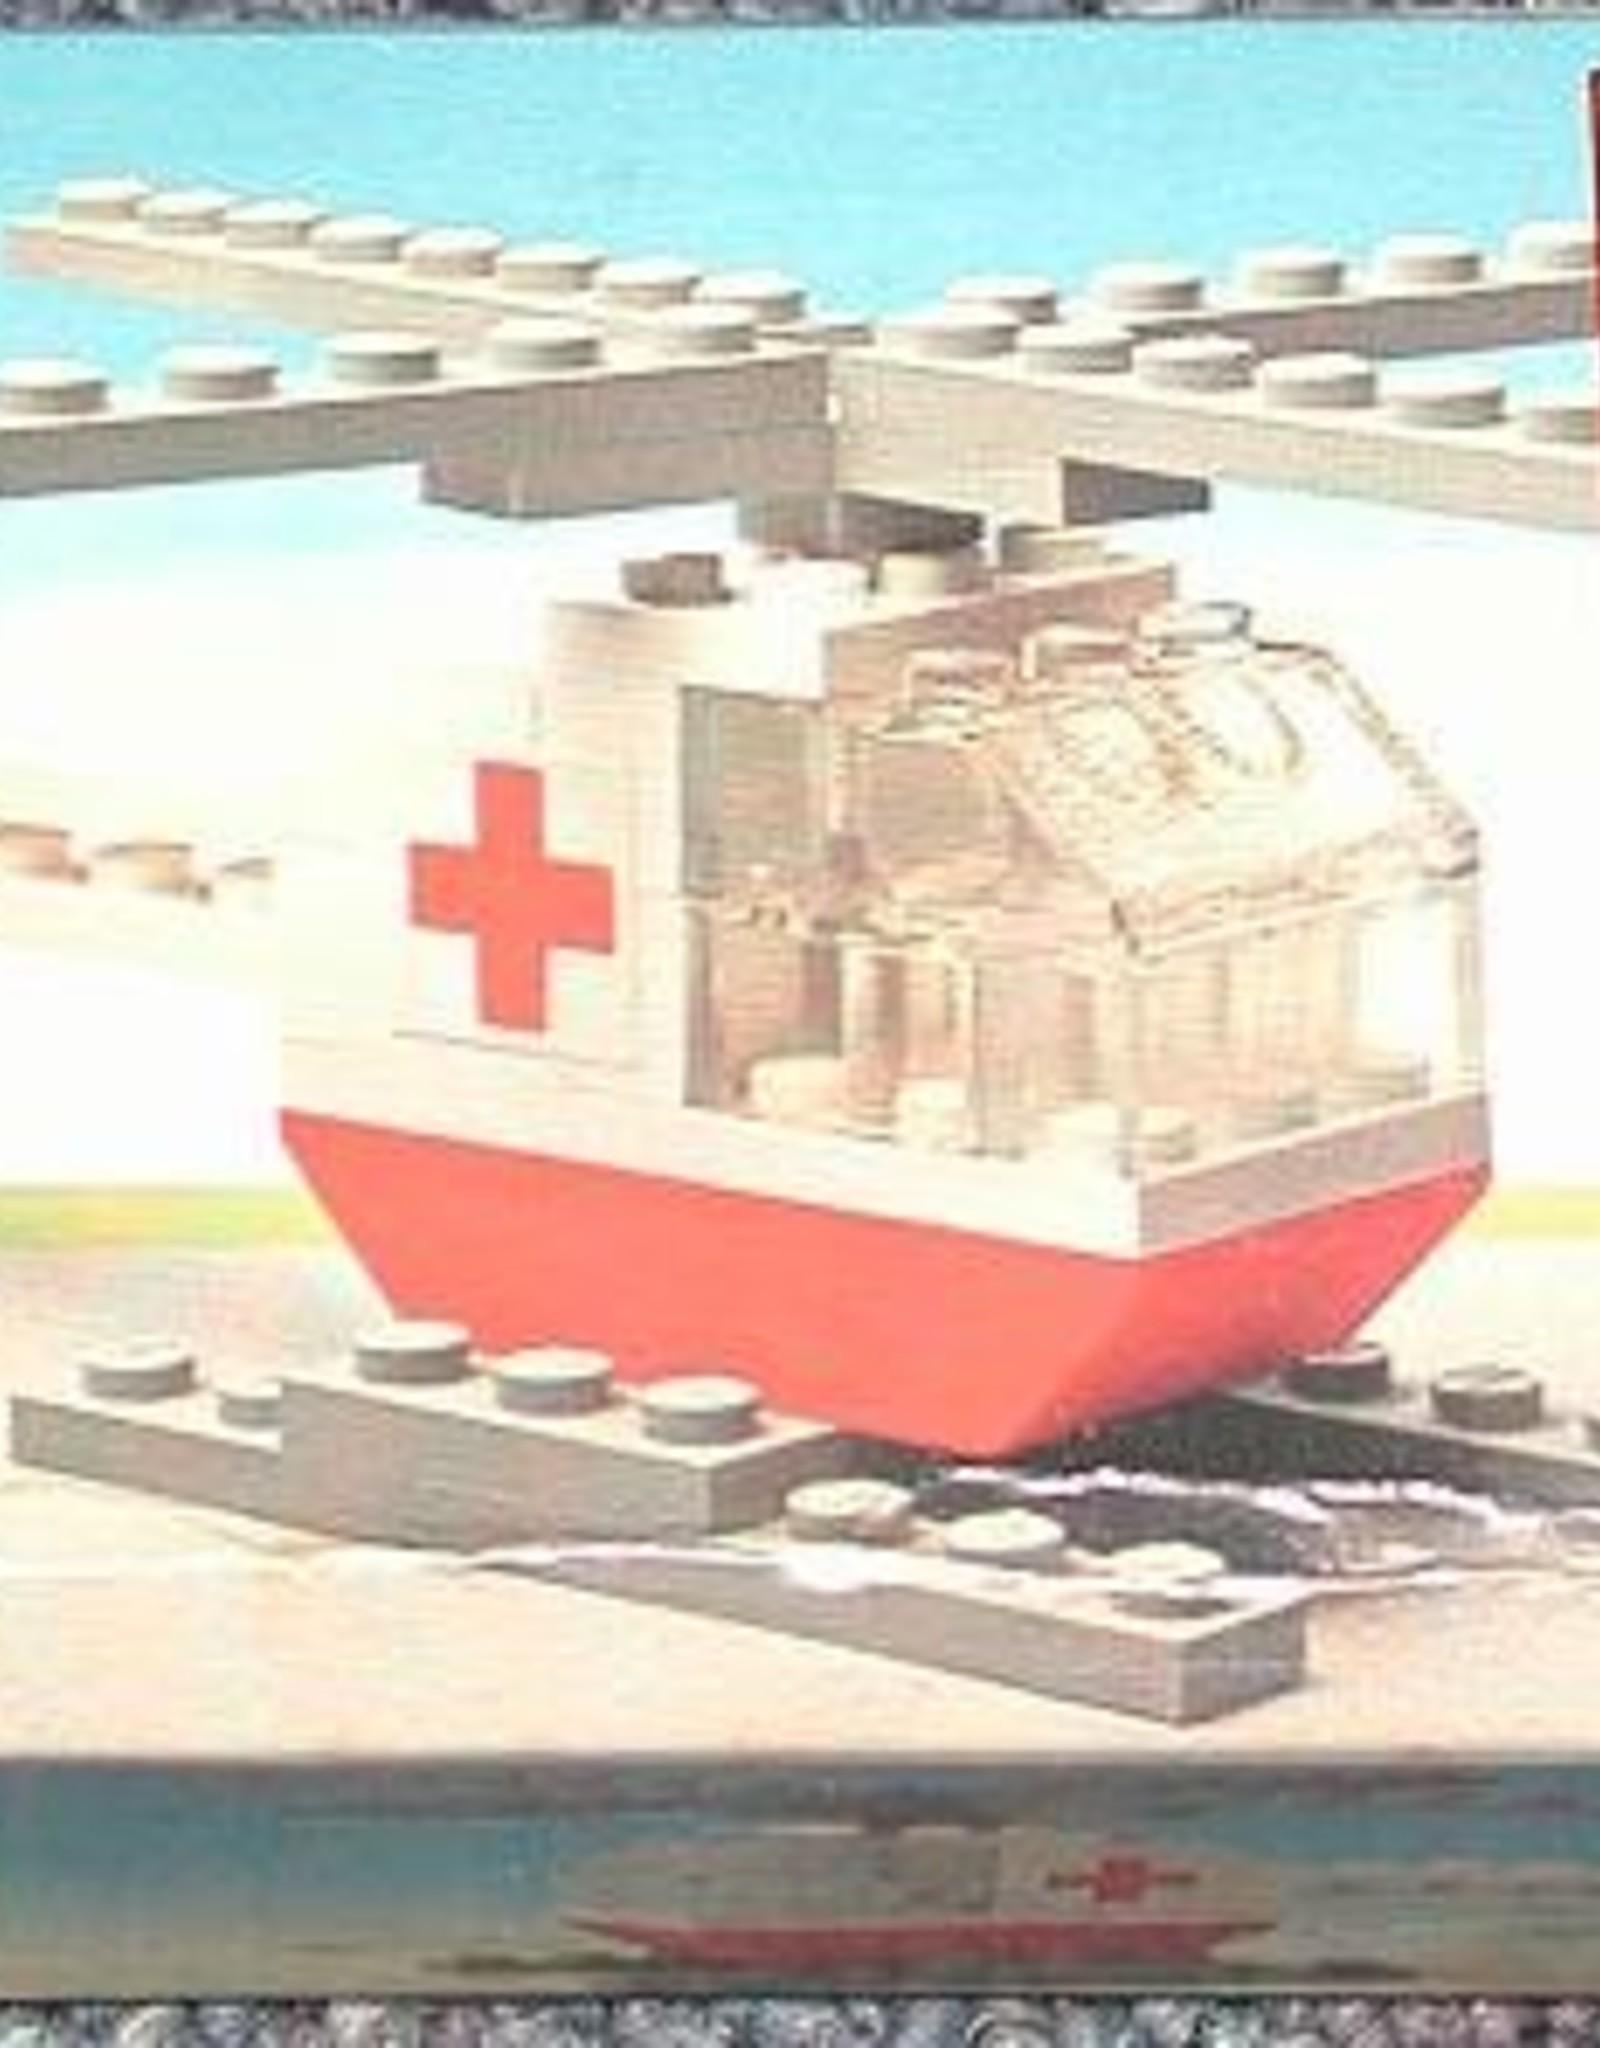 LEGO LEGO 626 Red cross helicopter LEGOLAND